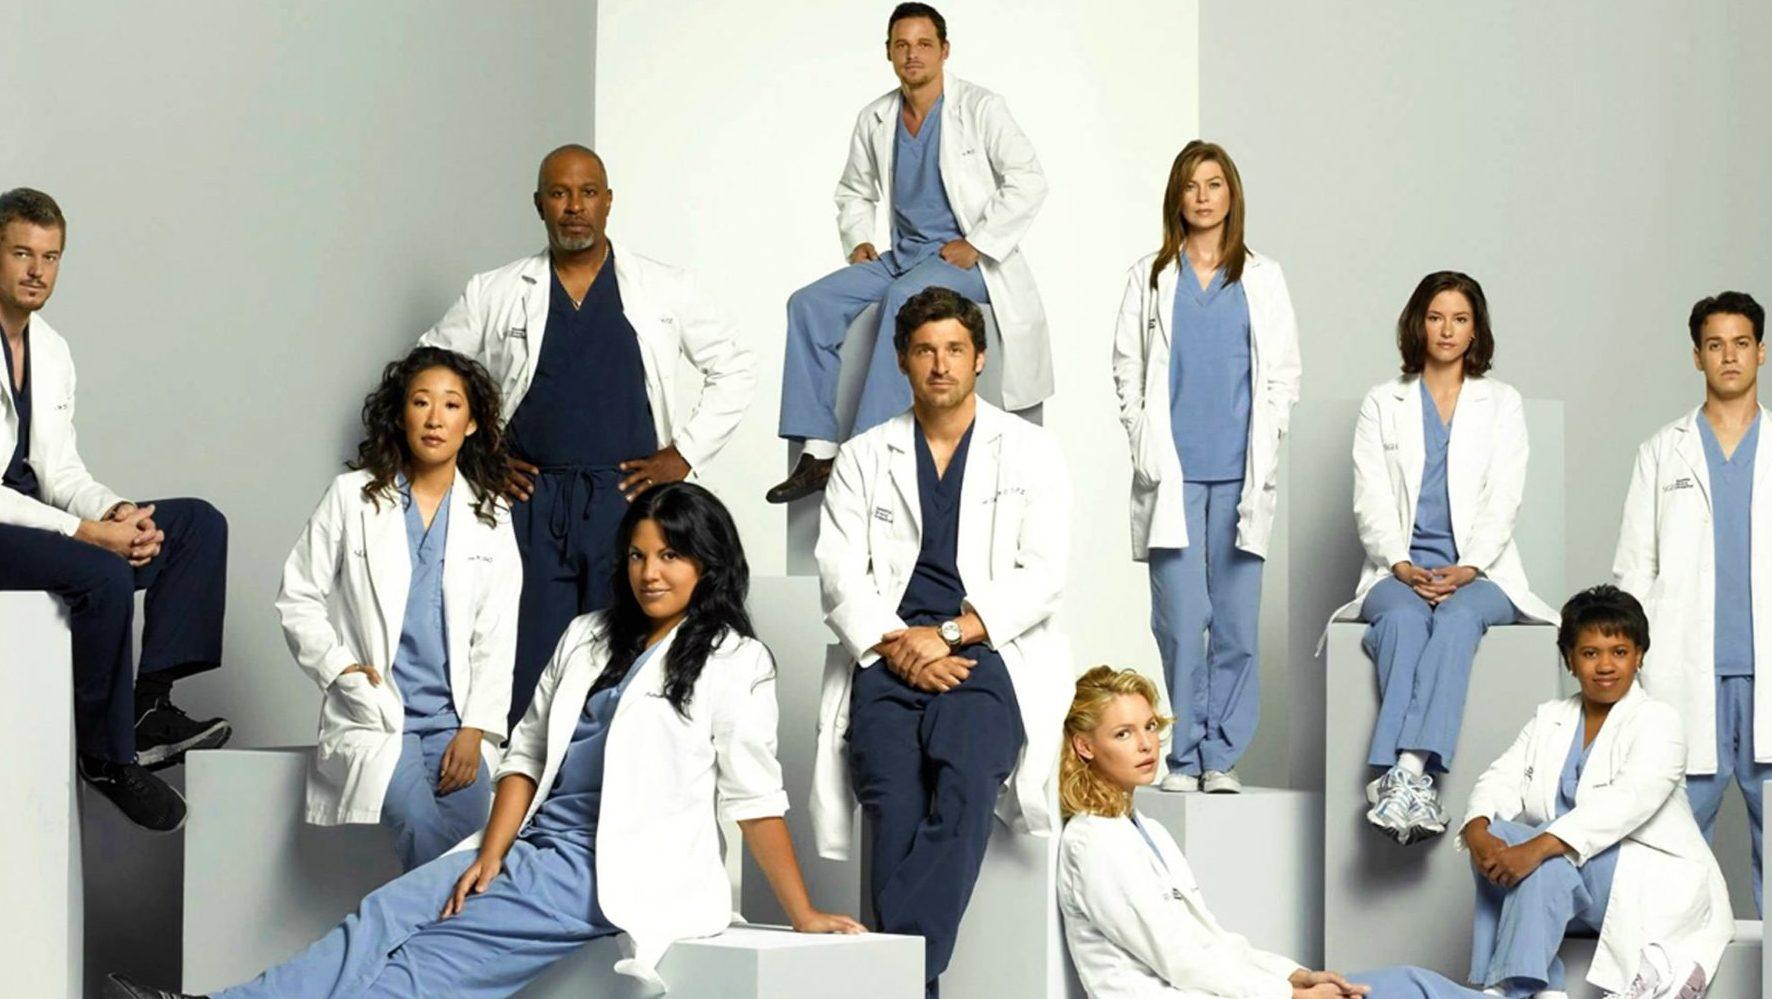 Histórias descartadas de 'Grey's Anatomy' que poderiam mudar o rumo da série